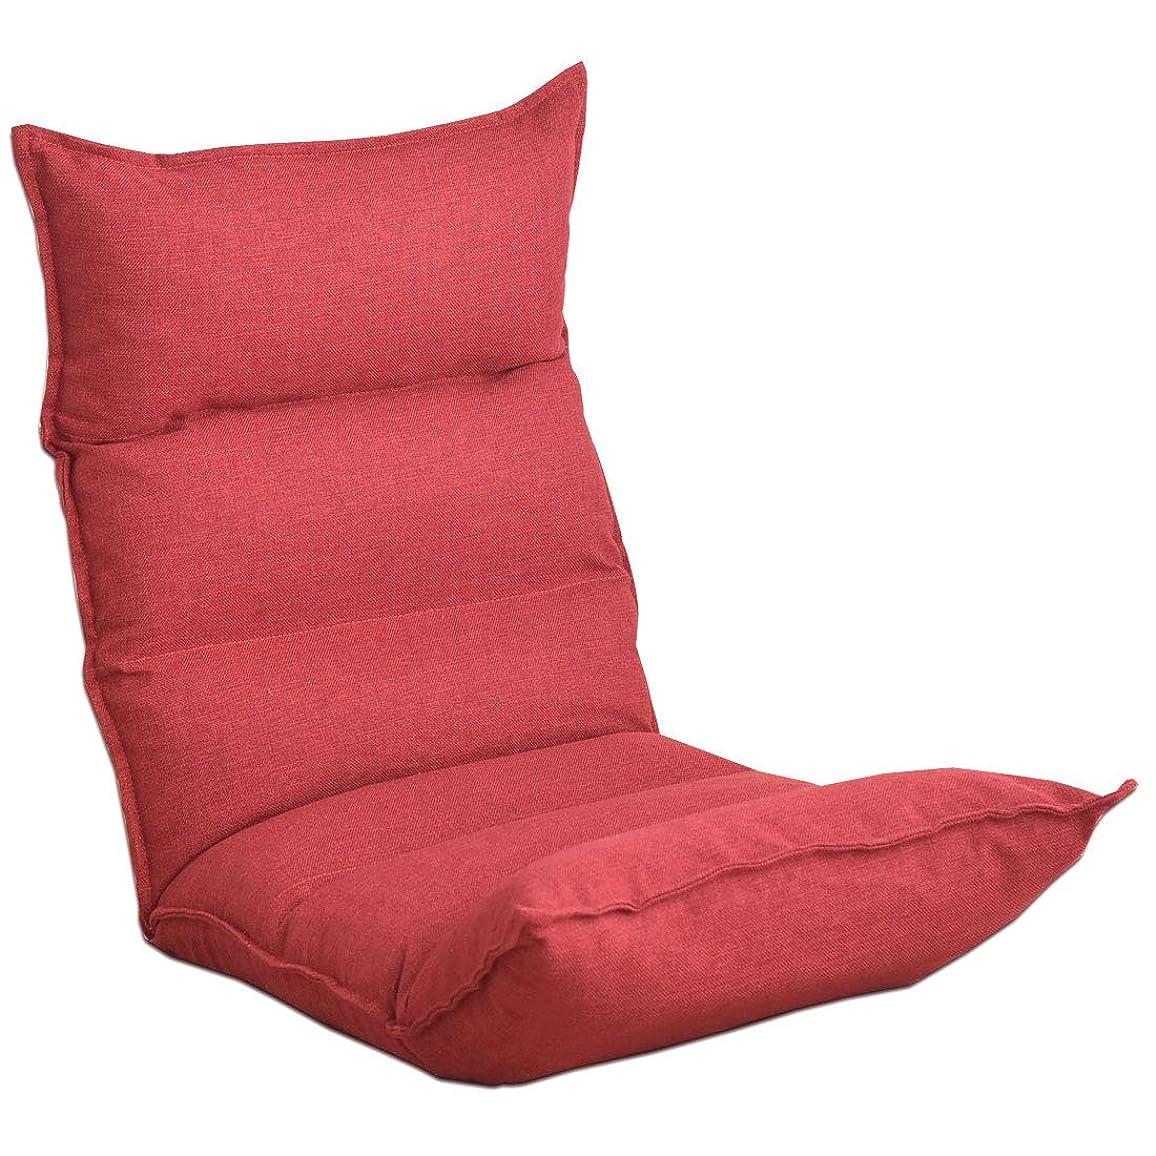 タンスのゲン 低反発座椅子 リクライニング ロココ 14段階リクライニング 肉厚クッション ISO9001認定 ダリアン生地 レッド 65170001 93 【63244】